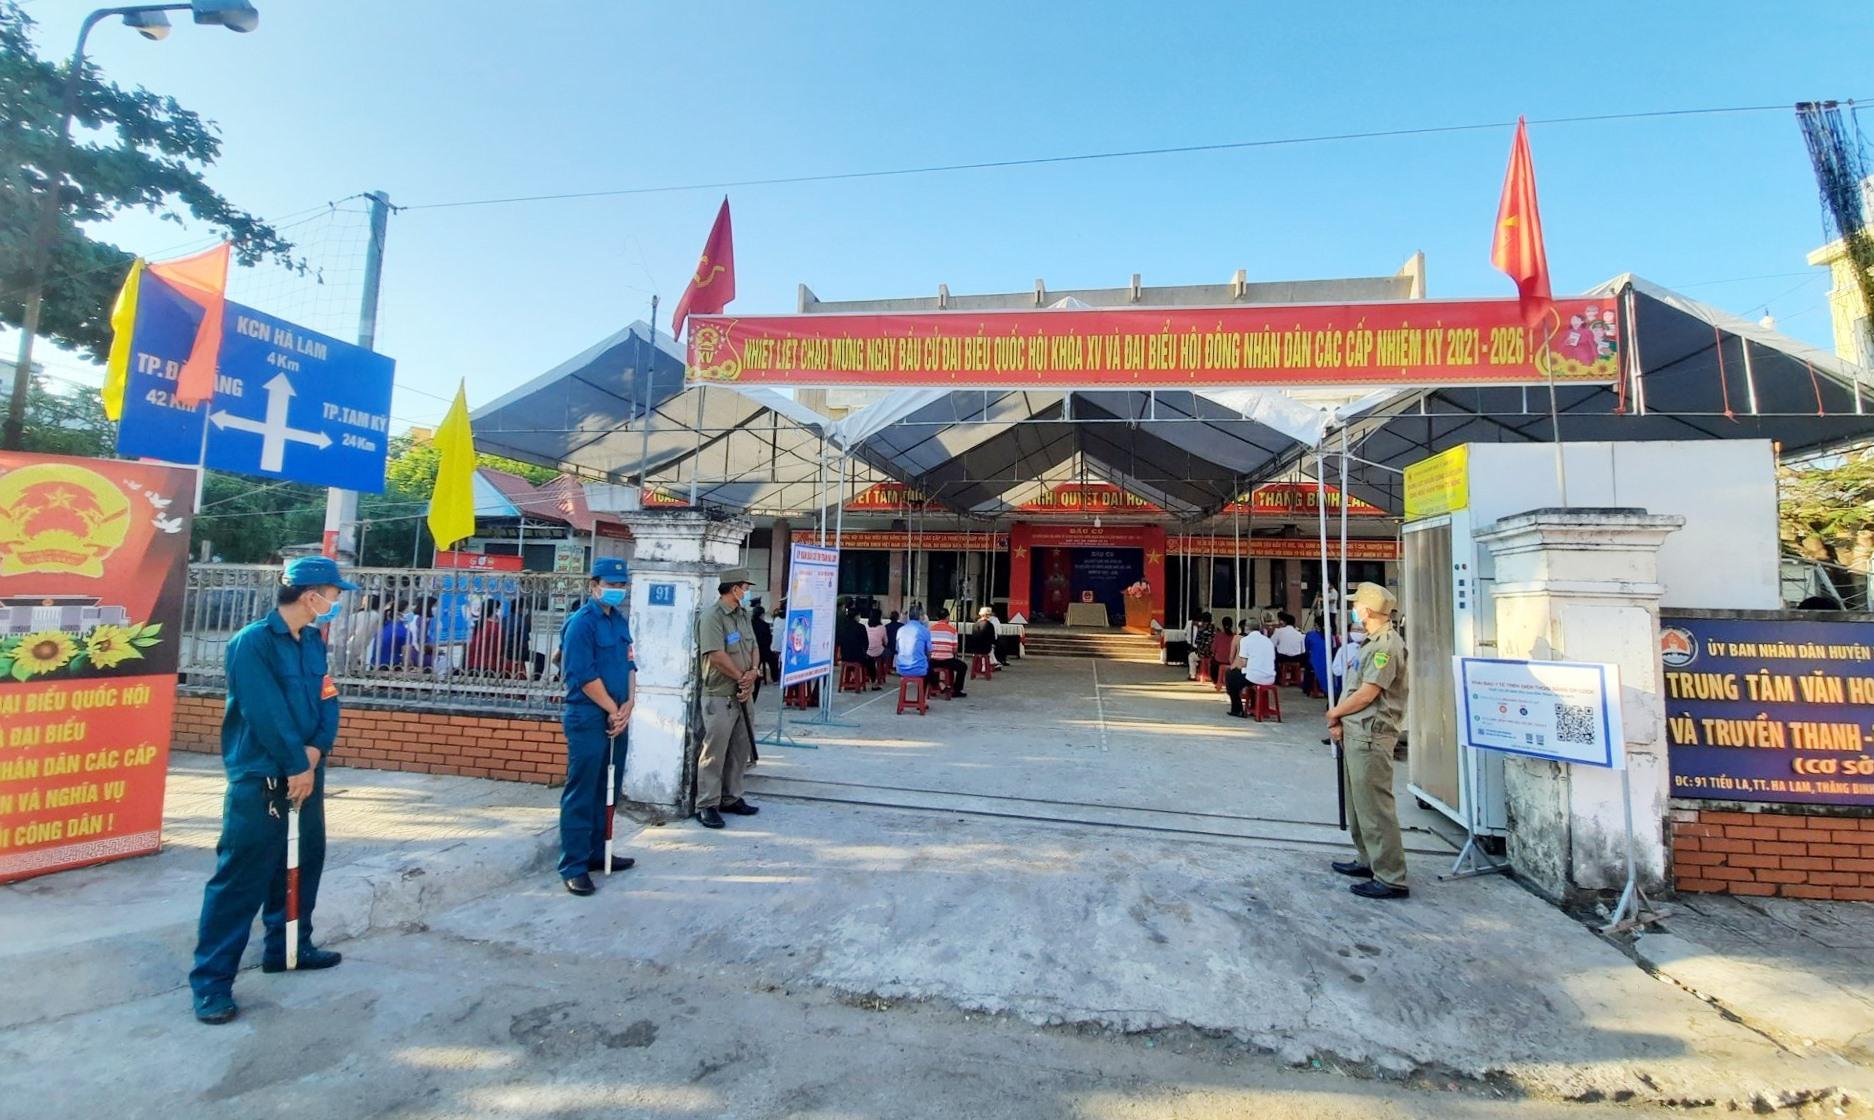 Khu vực bỏ phiếu số 4 (khối phố 4, thị trấn Hà Lam, Thăng Bình) được chuẩn bị chu đáo, đảm bảo anh ninh, phòng chống dịch Covid-19.